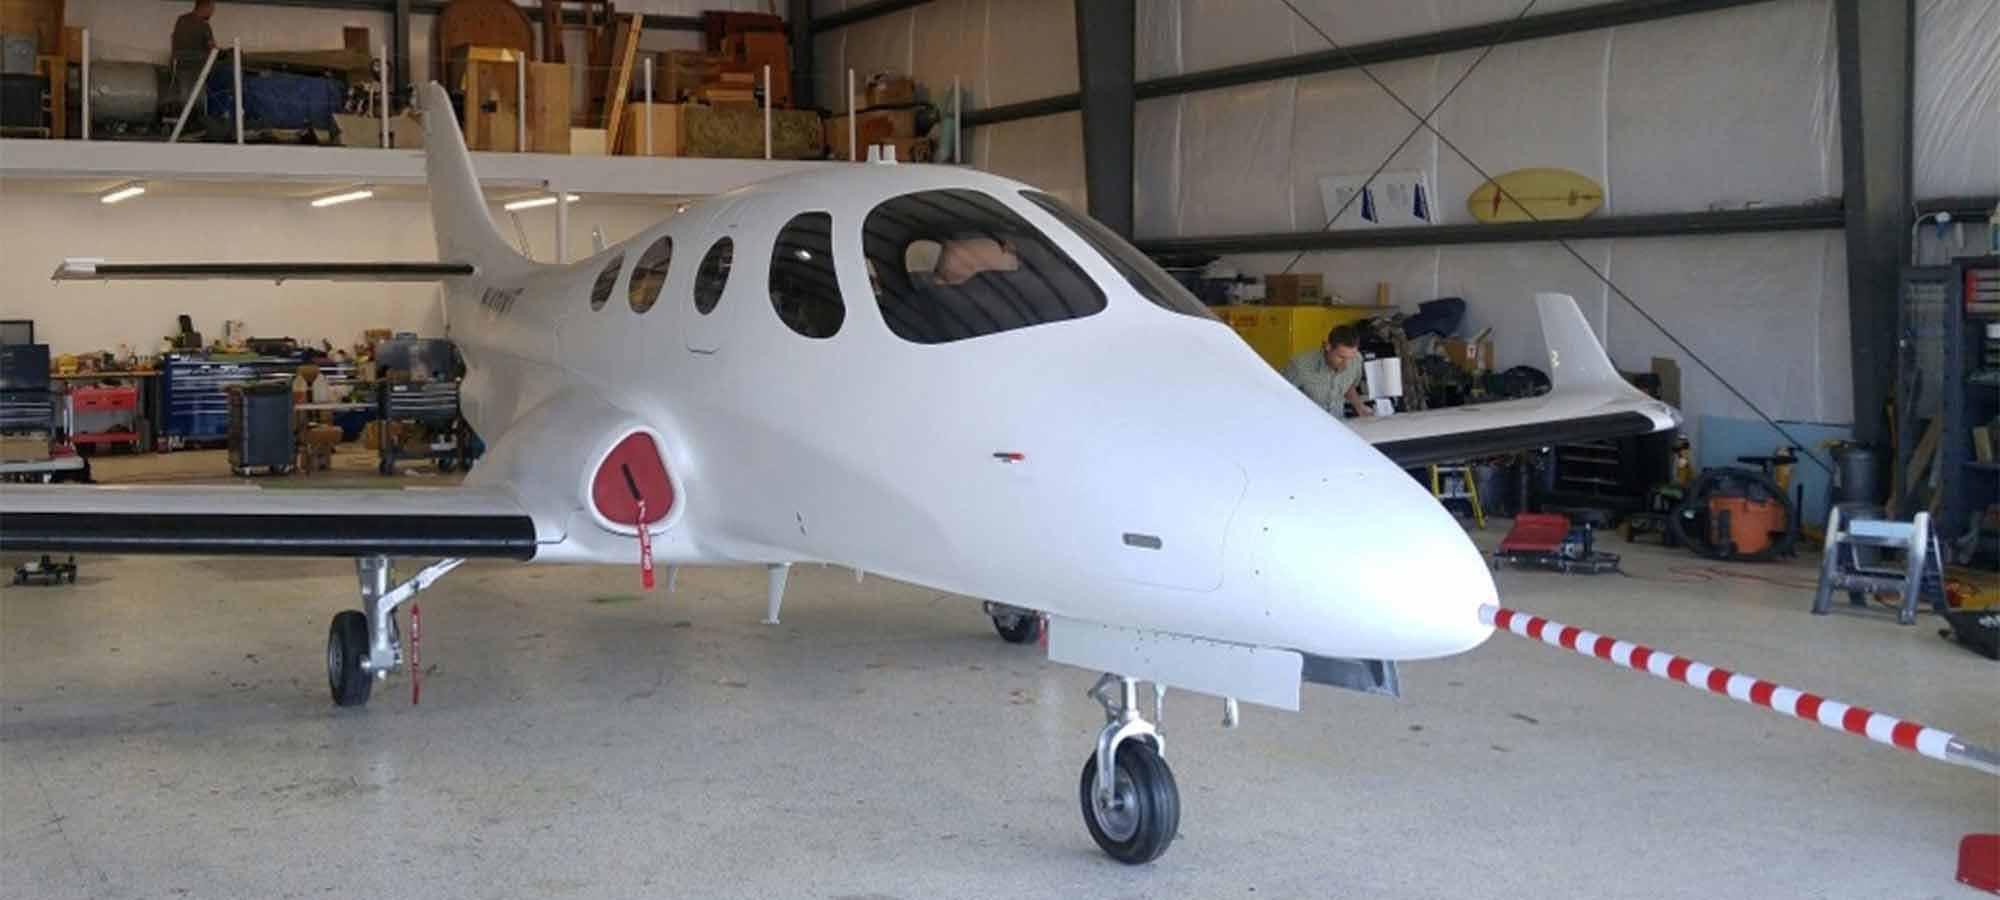 Piper PA-18 Super Cub Versus the World: Comparison Specs